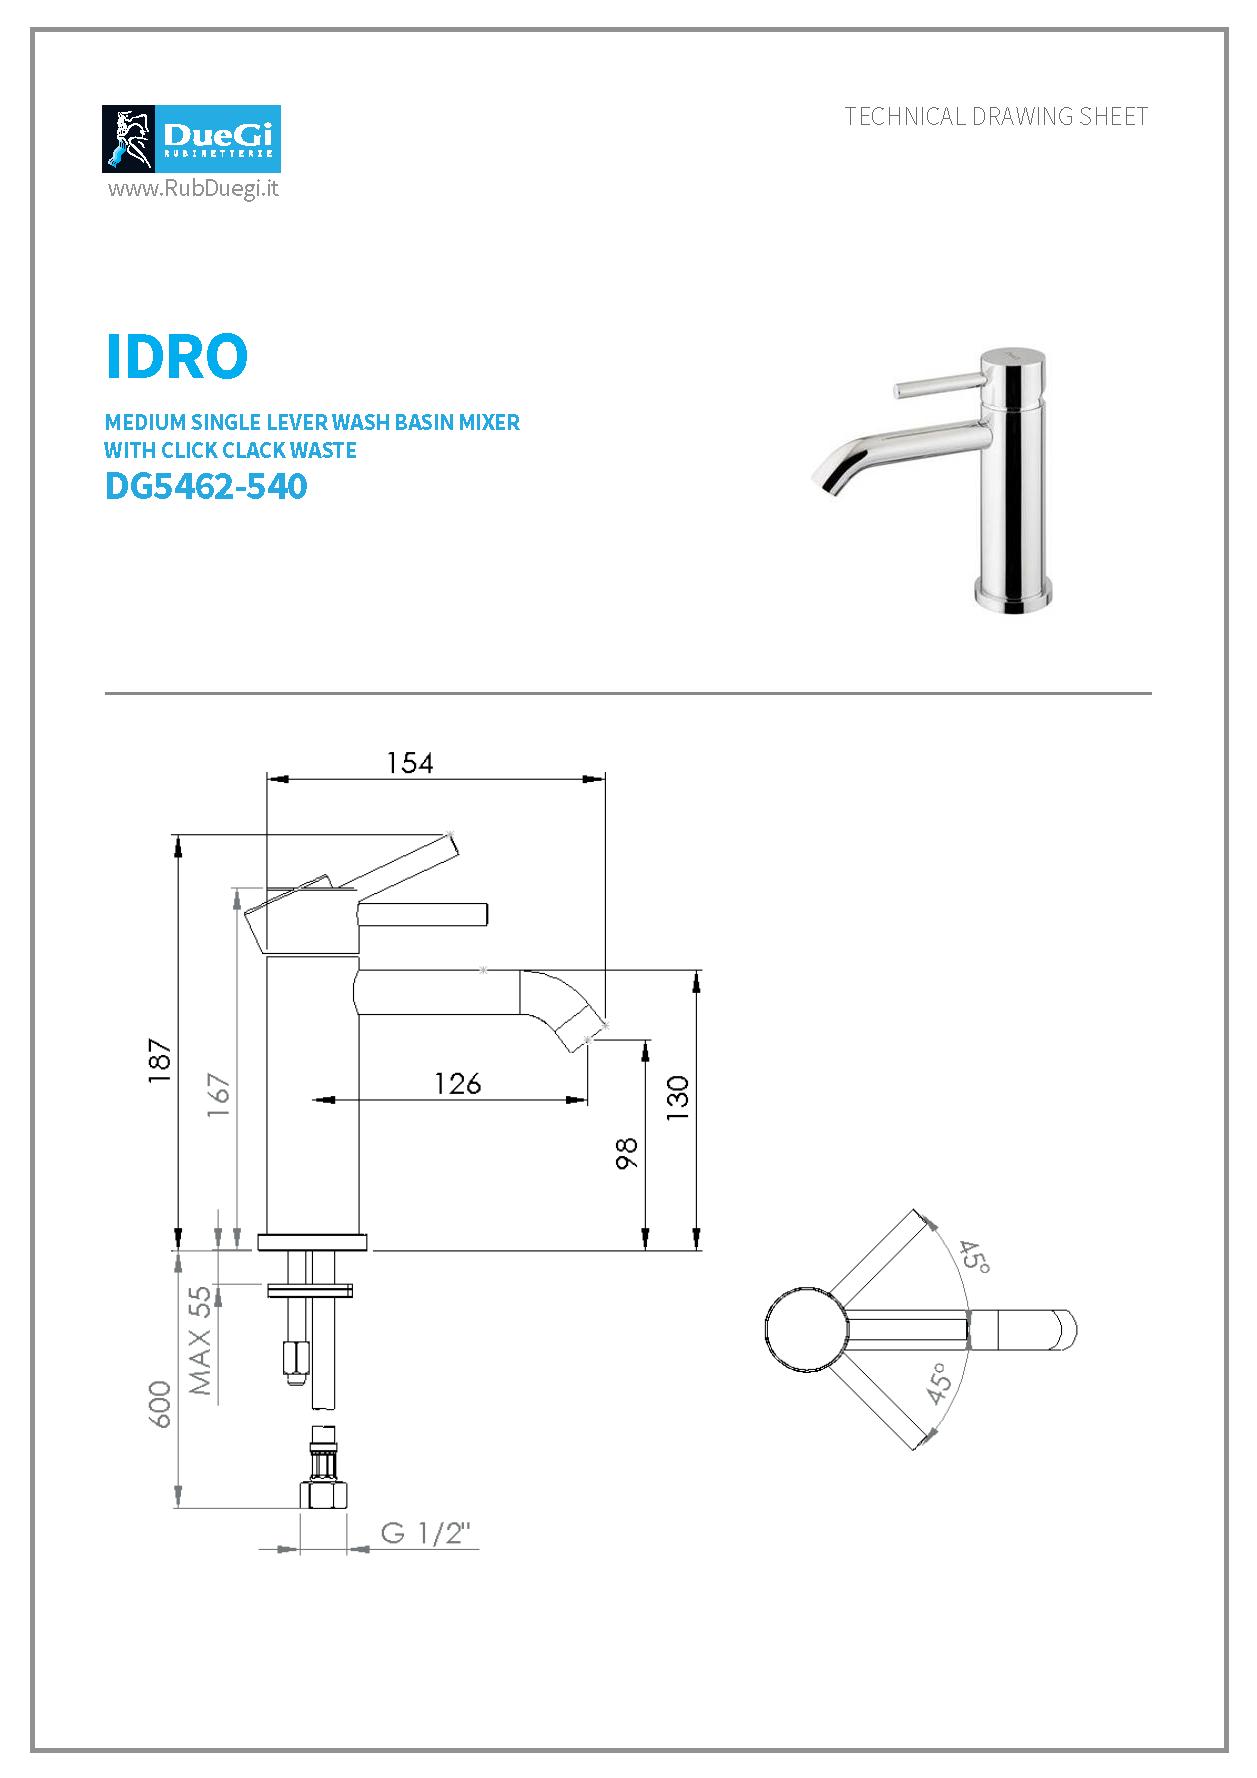 idro dg5462-540